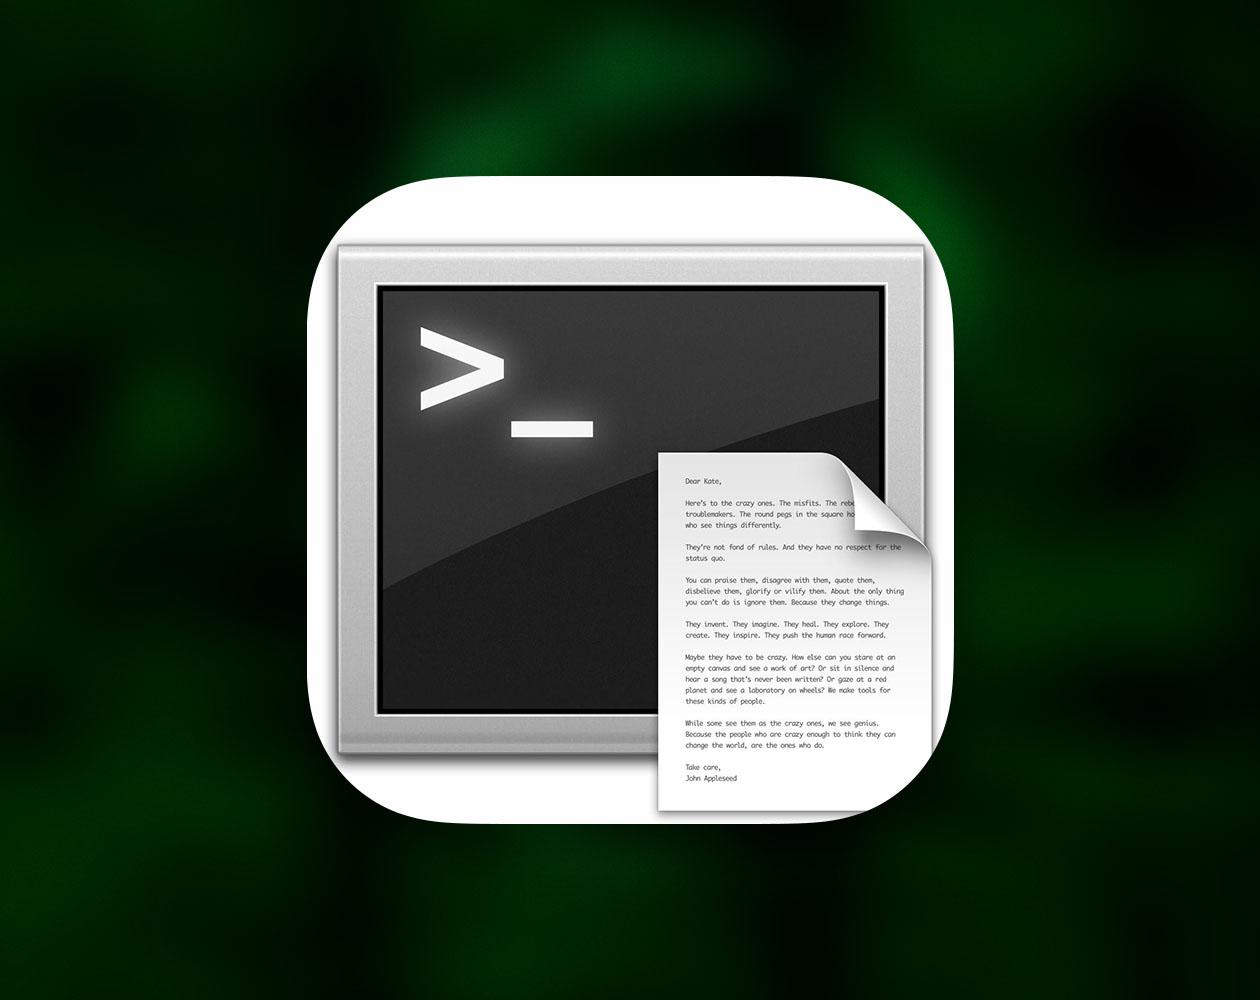 Как изменить время отображения уведомлений в Mac при помощи Терминала